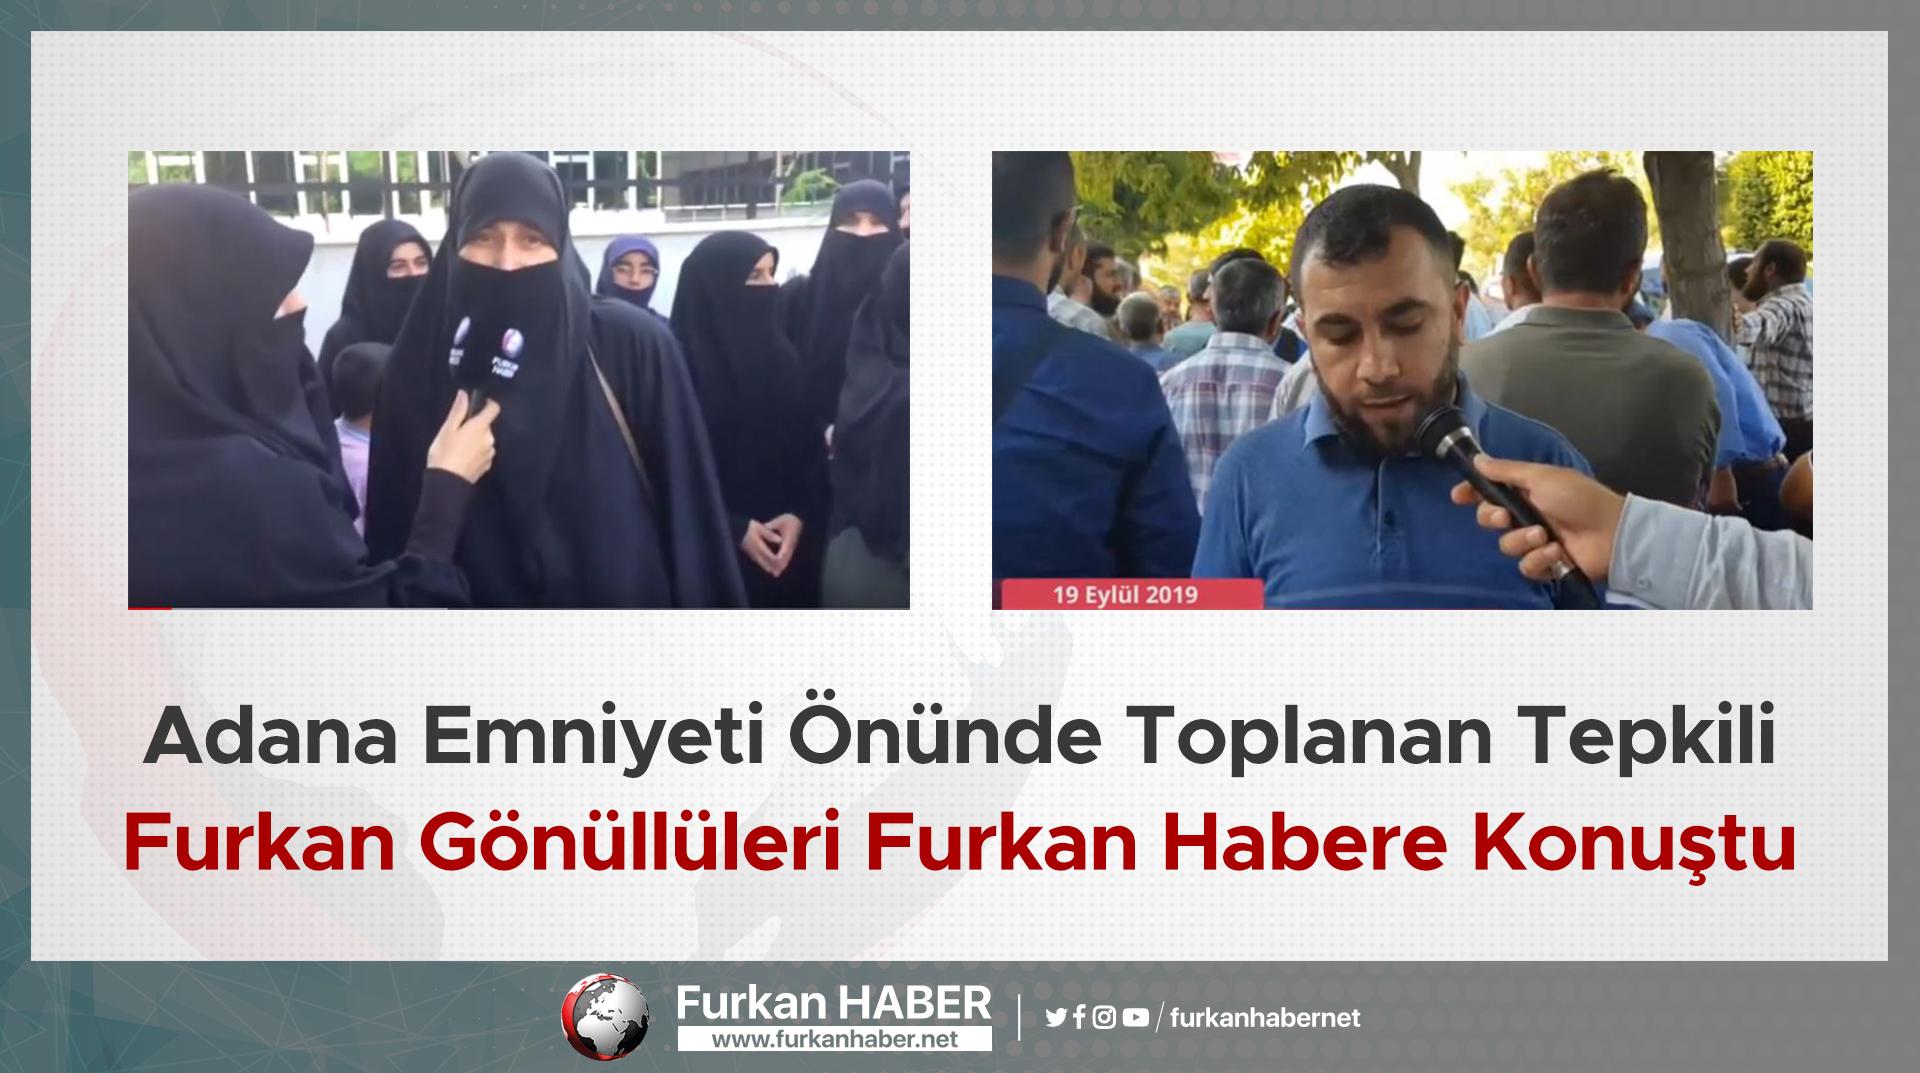 Adana Emniyeti Önünde Toplanan Tepkili Furkan Gönüllüleri Furkan Habere Konuştu